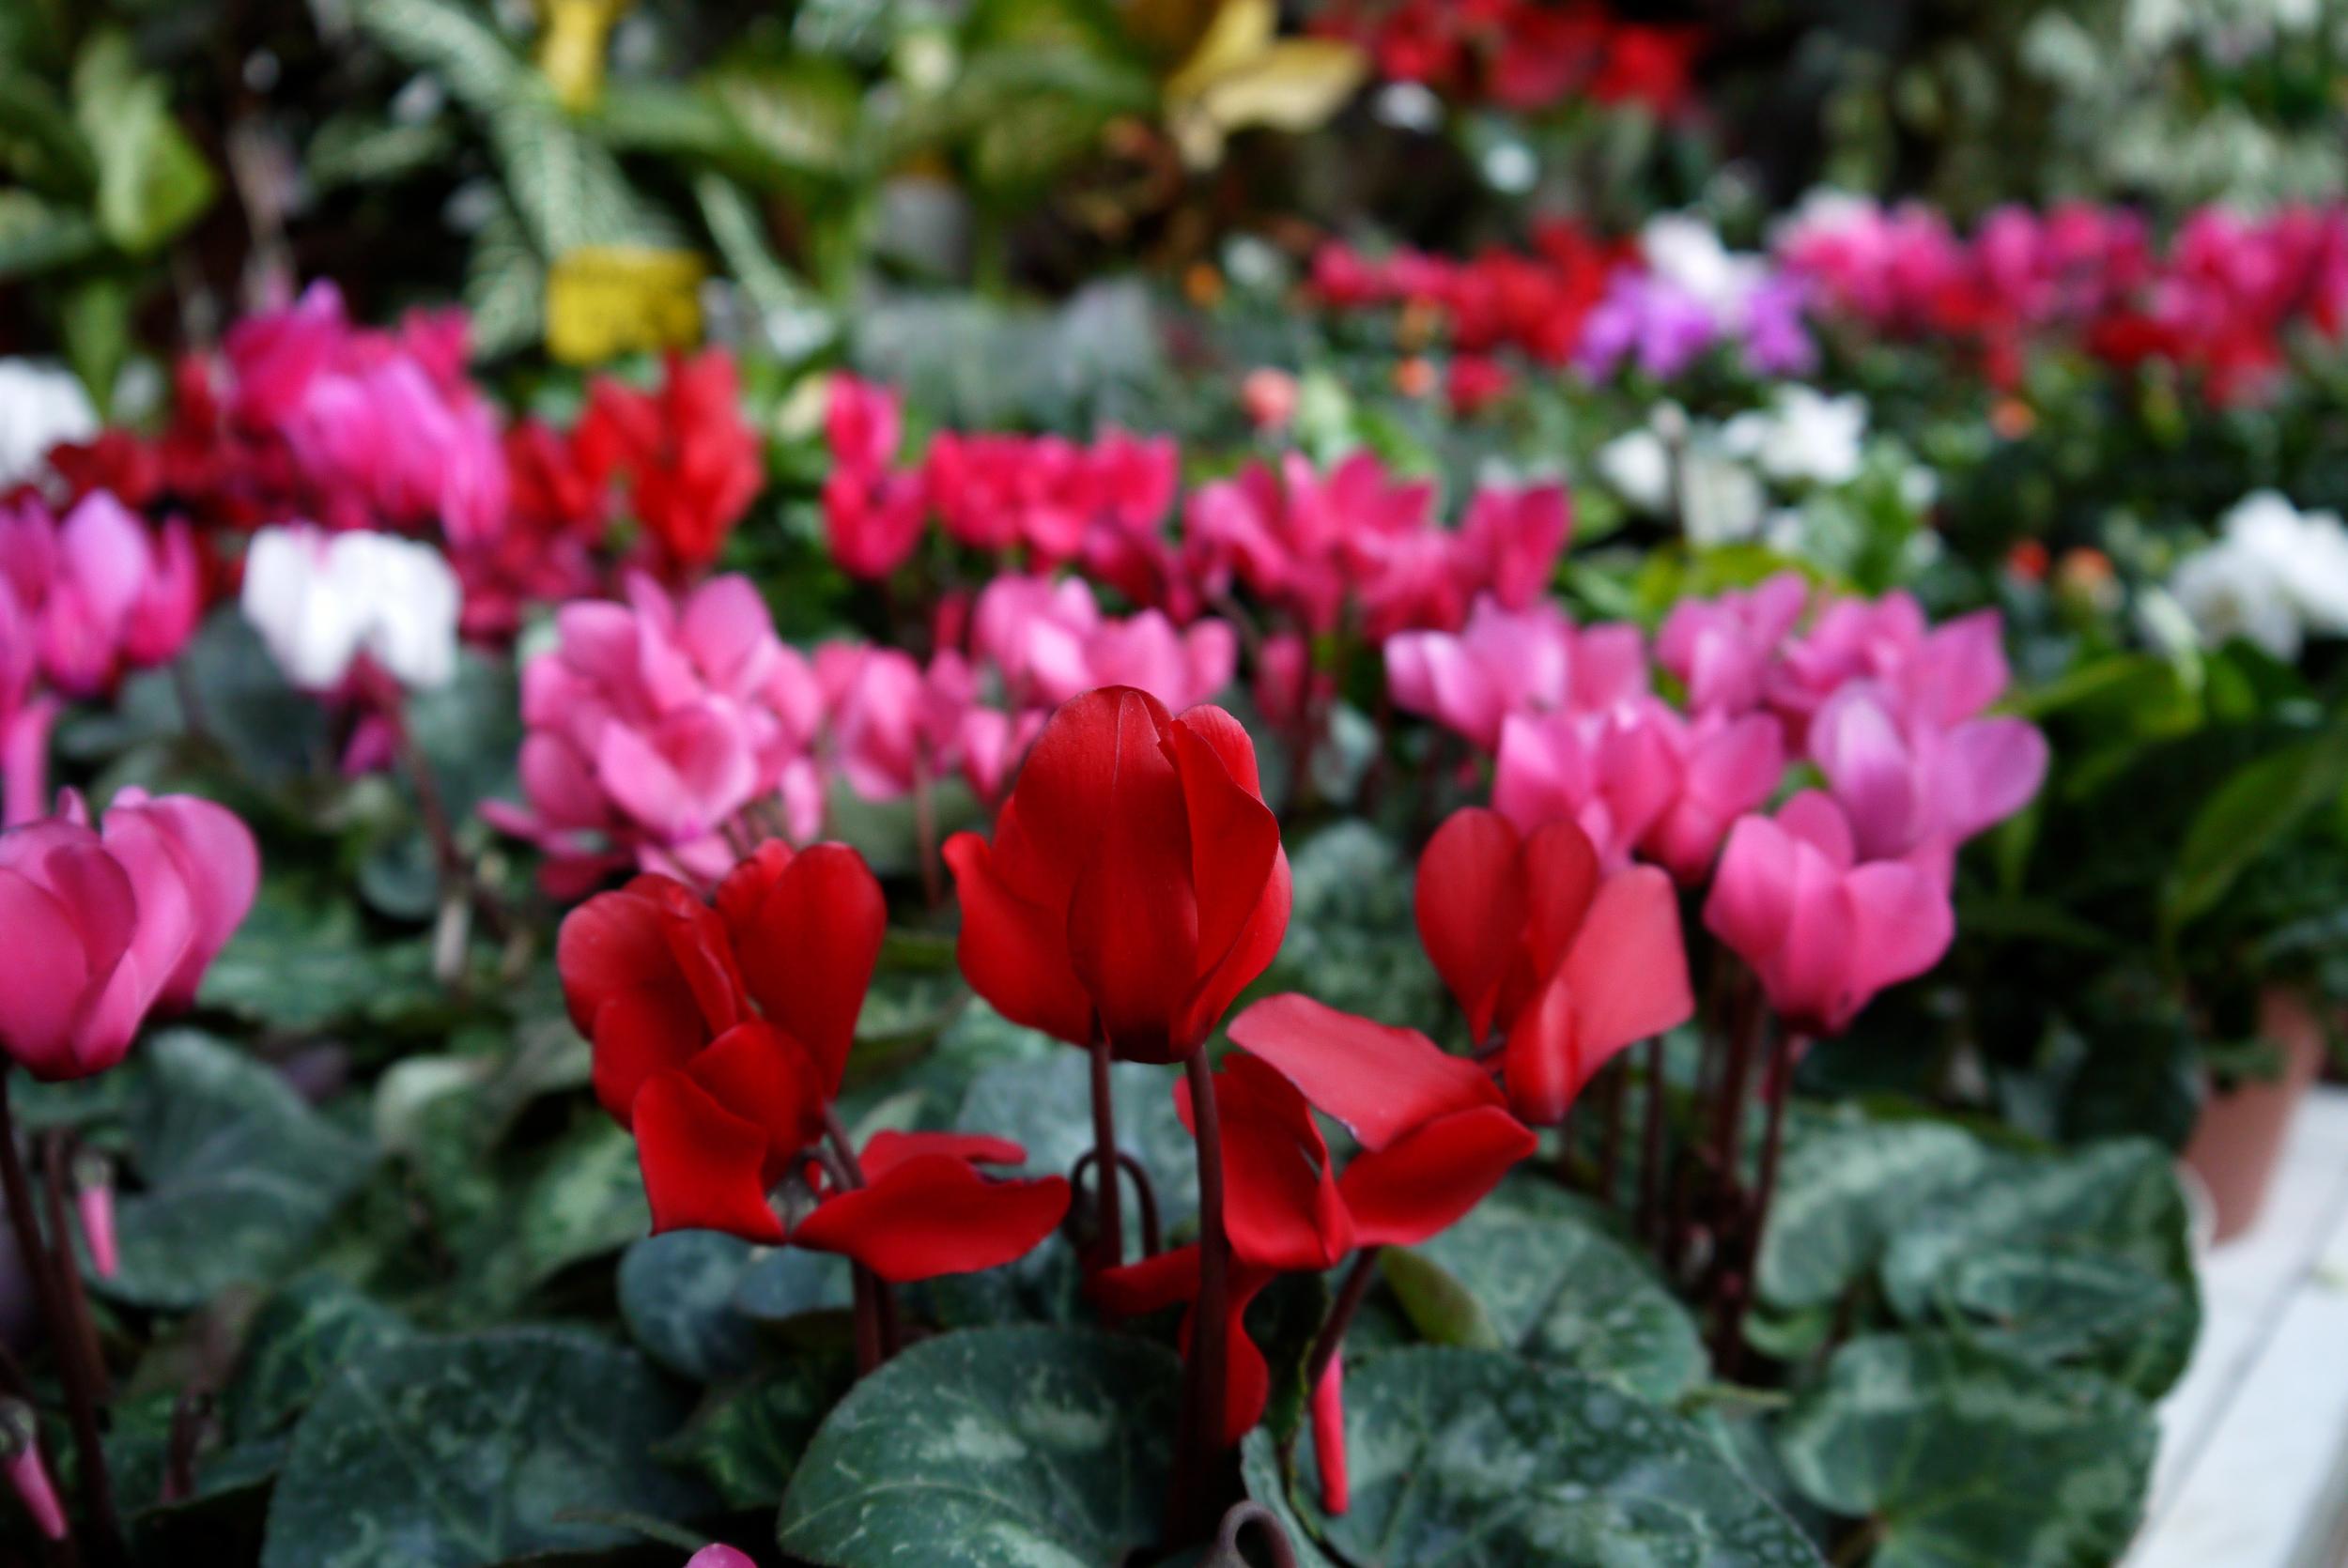 Figure 10. Vibrant flowers